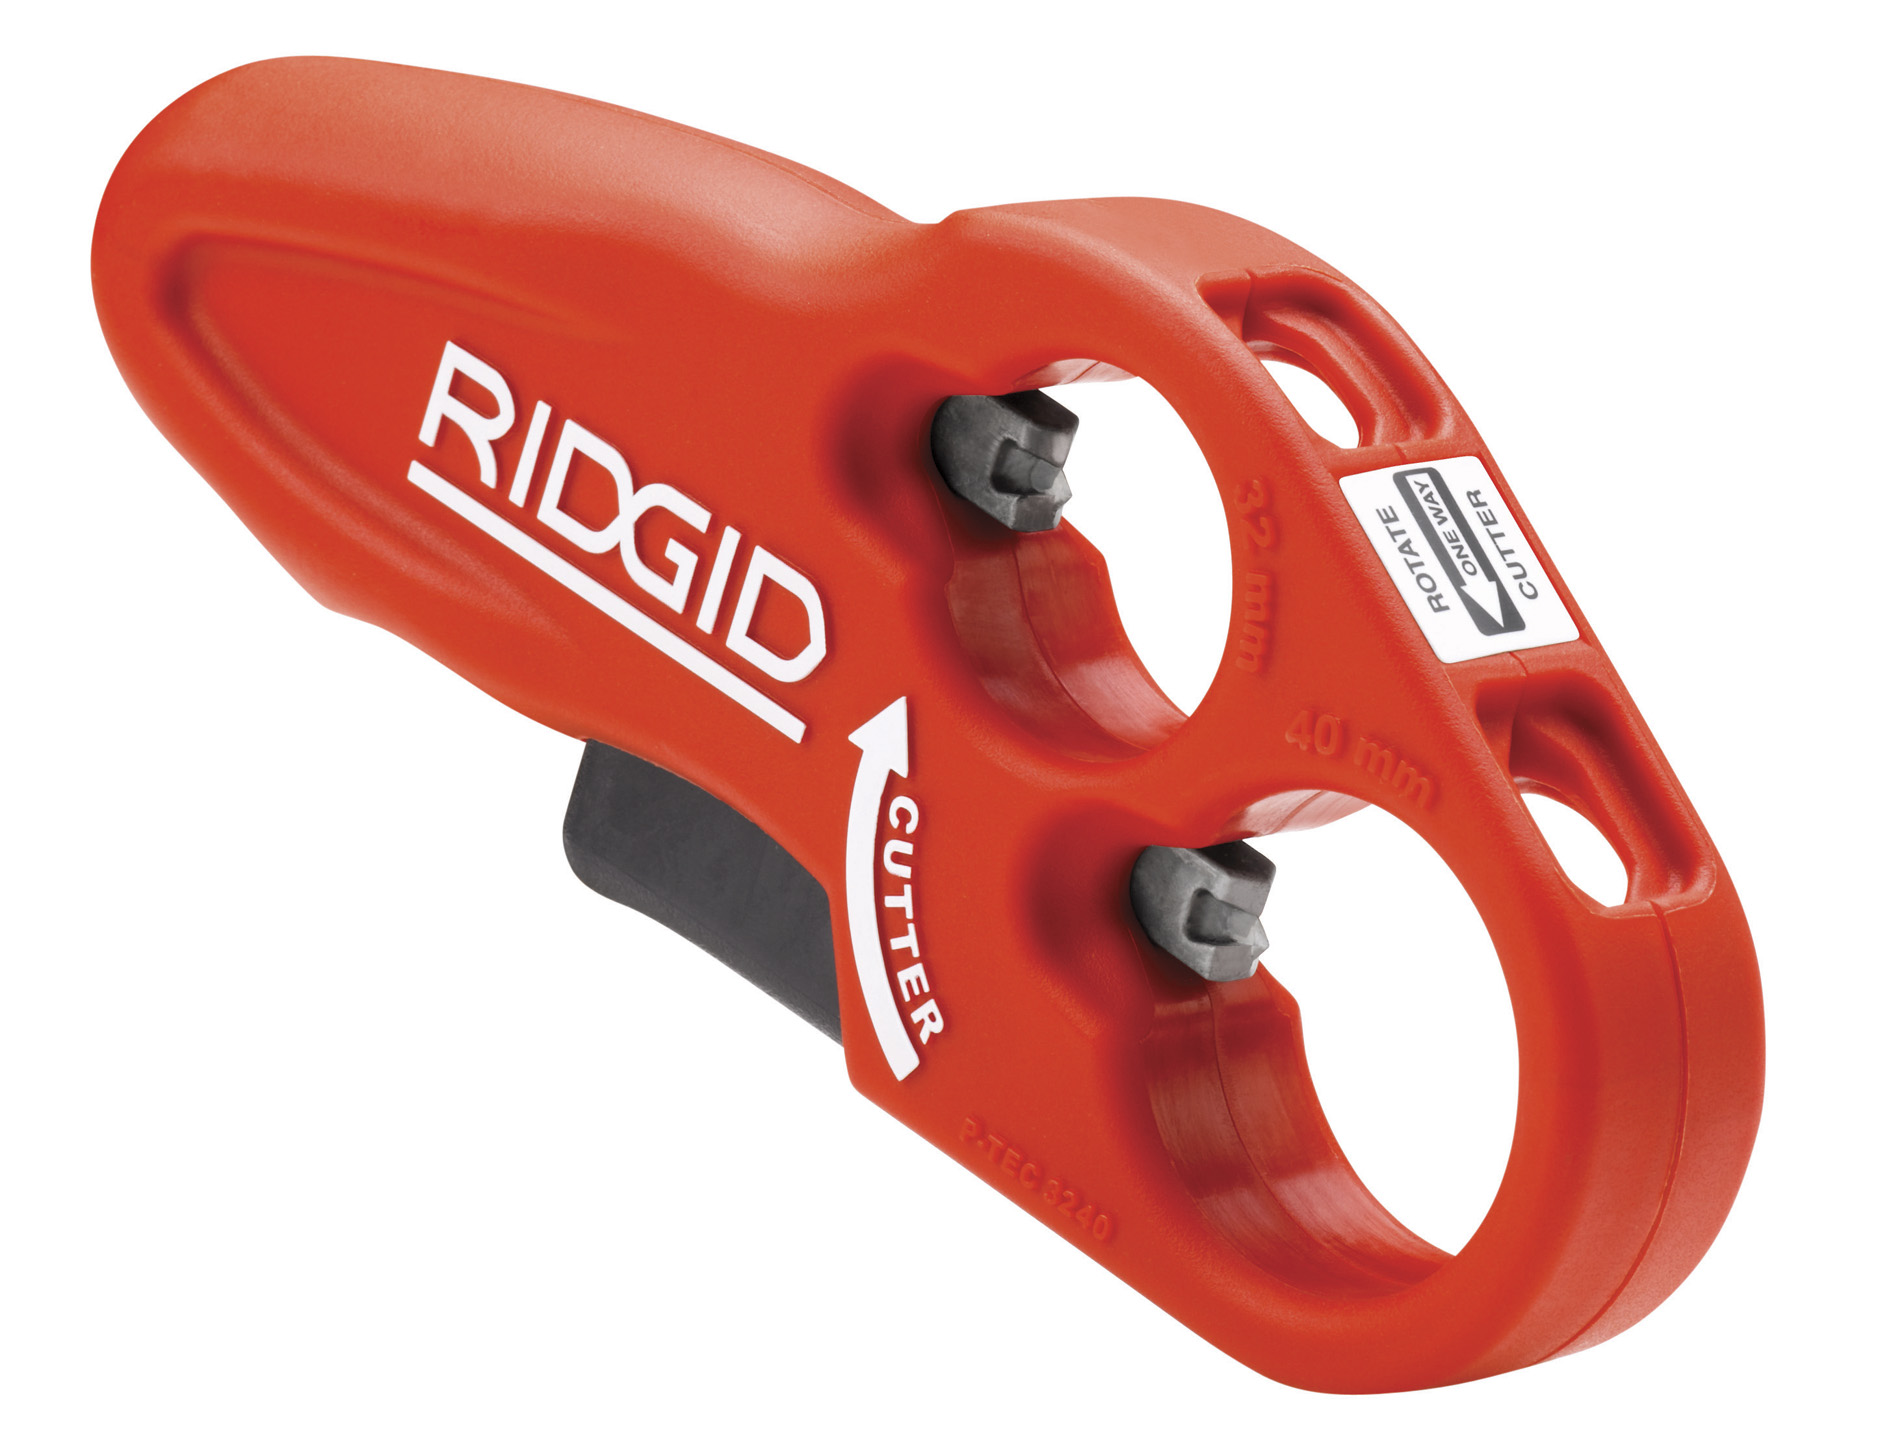 Труборез Ridgid P-tec 3240 37463 труборез ridgid 101 40617